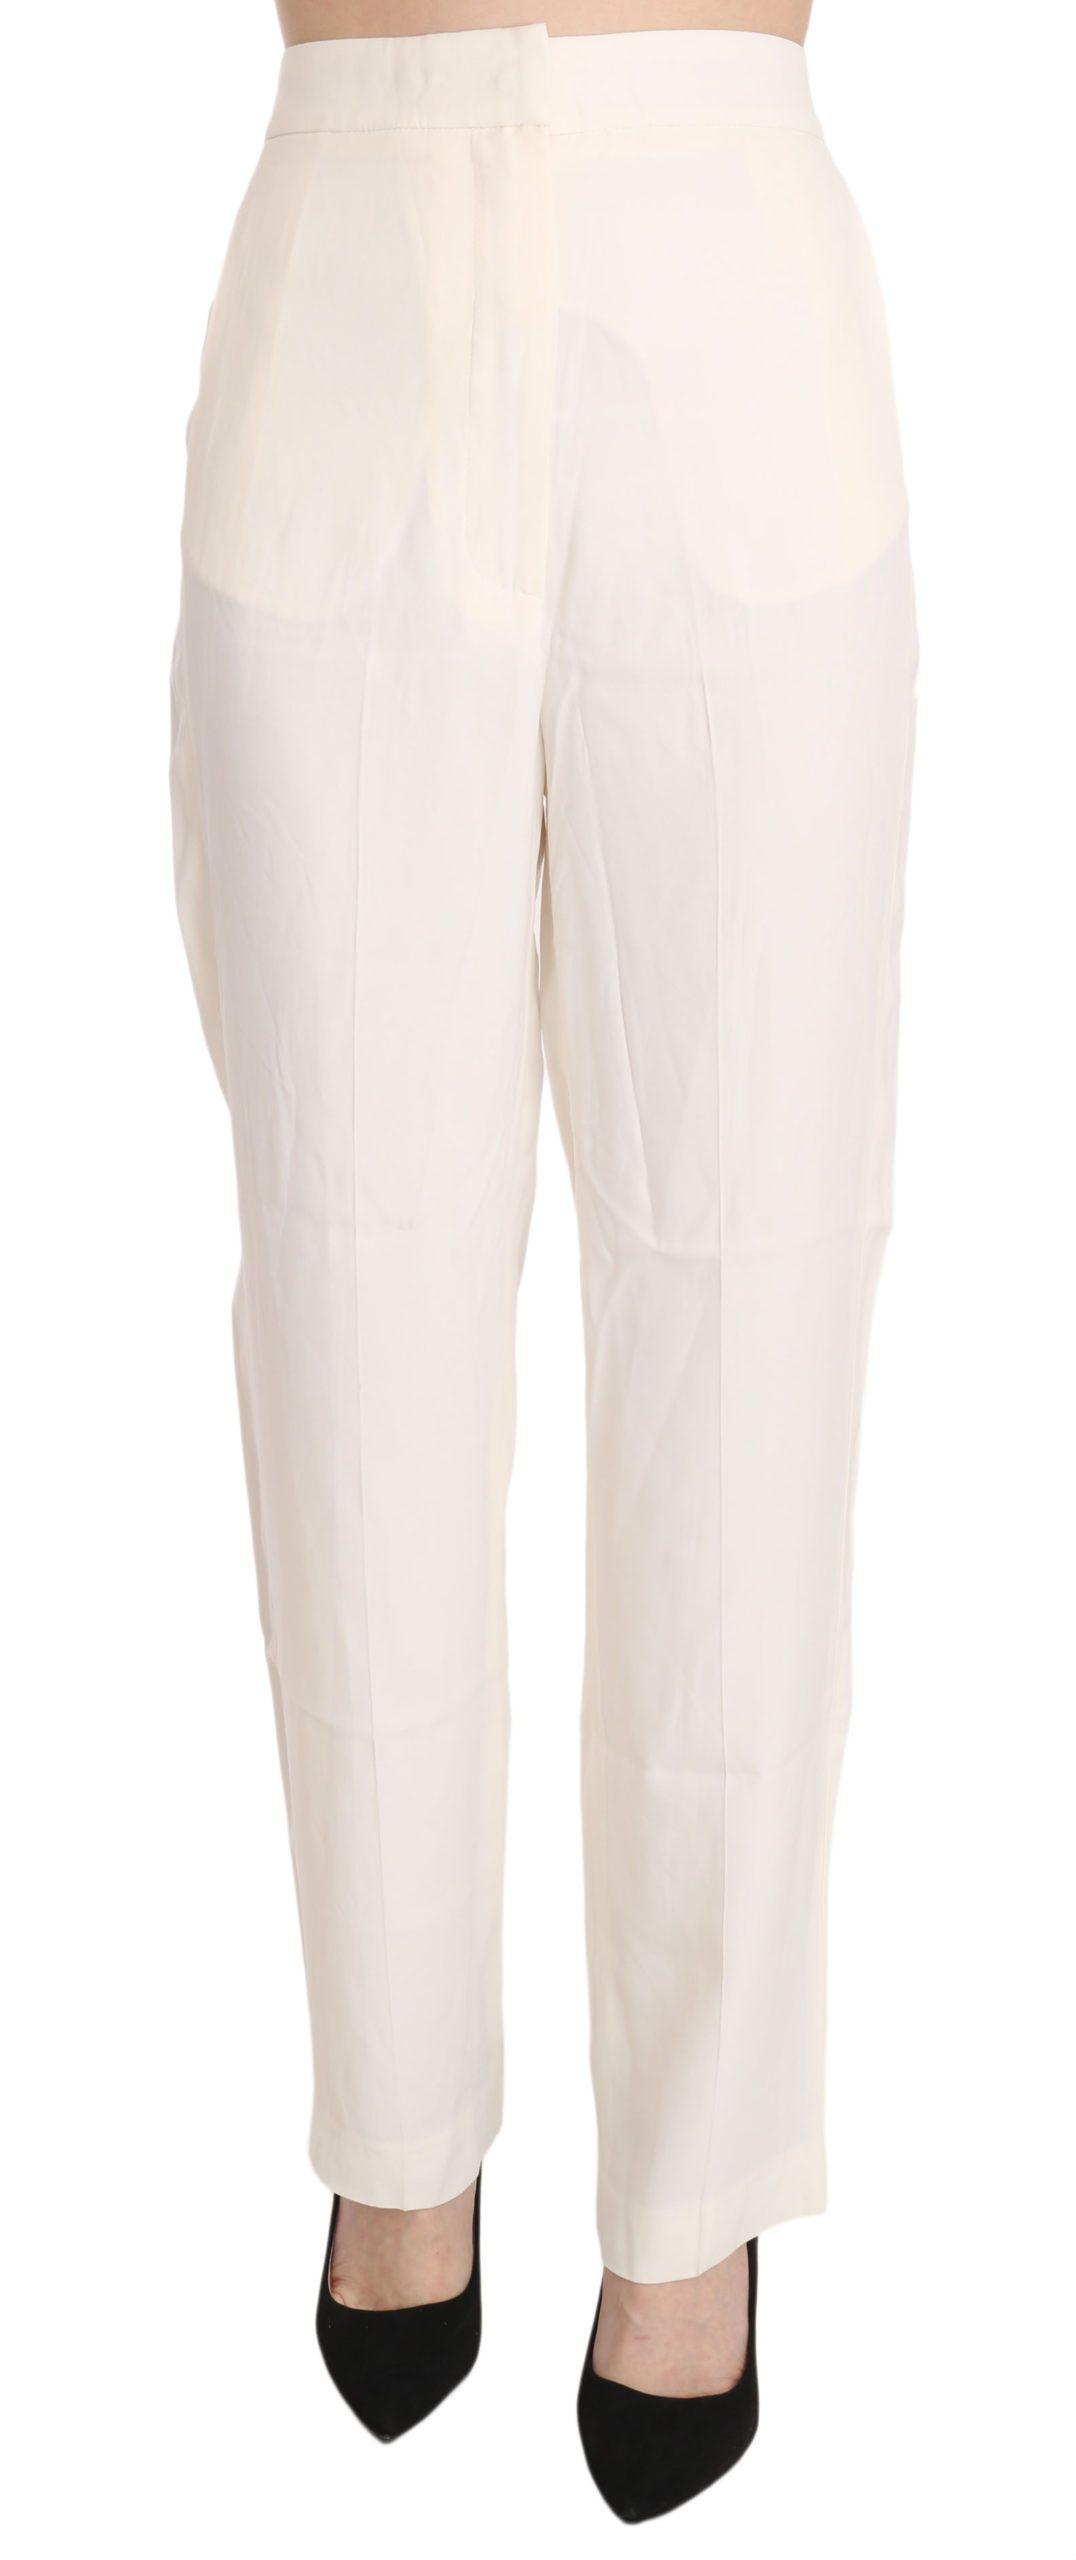 Dondup Women's High Waist Straight Cut Dress Trouser White PAN70096 - IT42|M